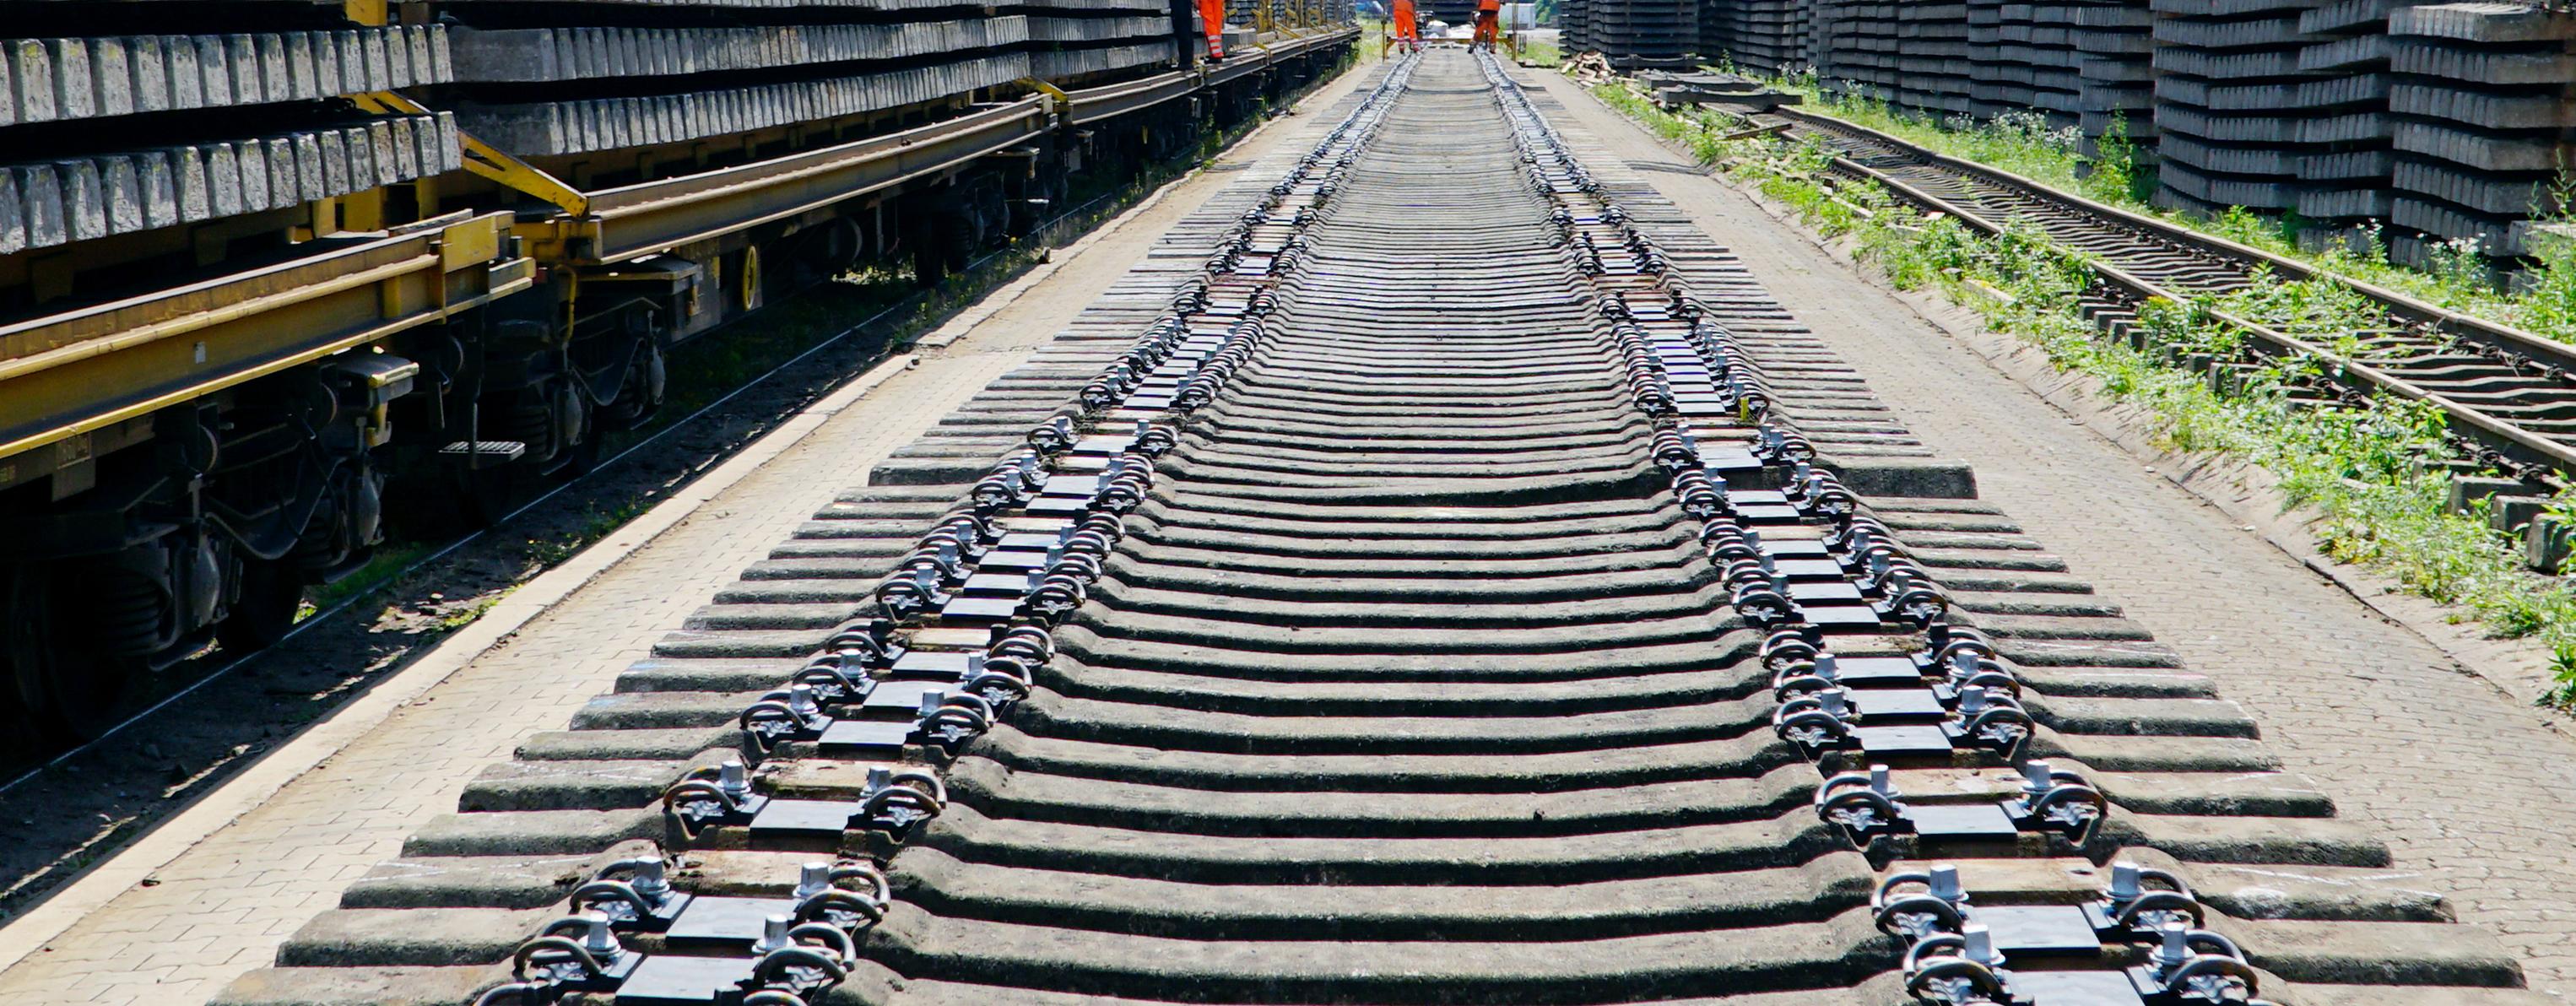 Händler Gleisbauprodukte Bahnen Sie den Weg